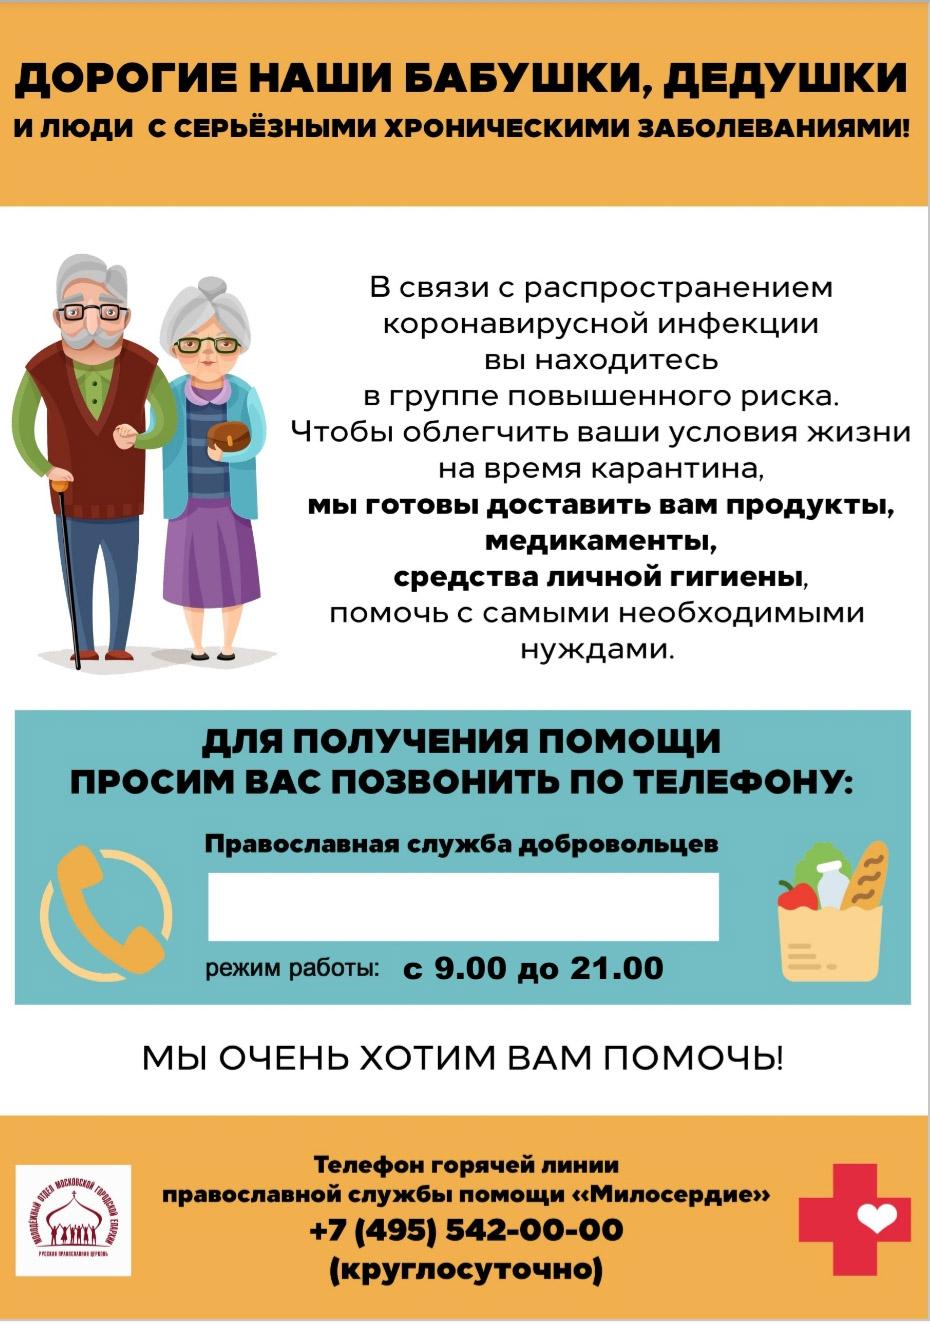 Объявление, подготовленное Синодальным отделом по благотворительности и молодежным отделом Московской епархии